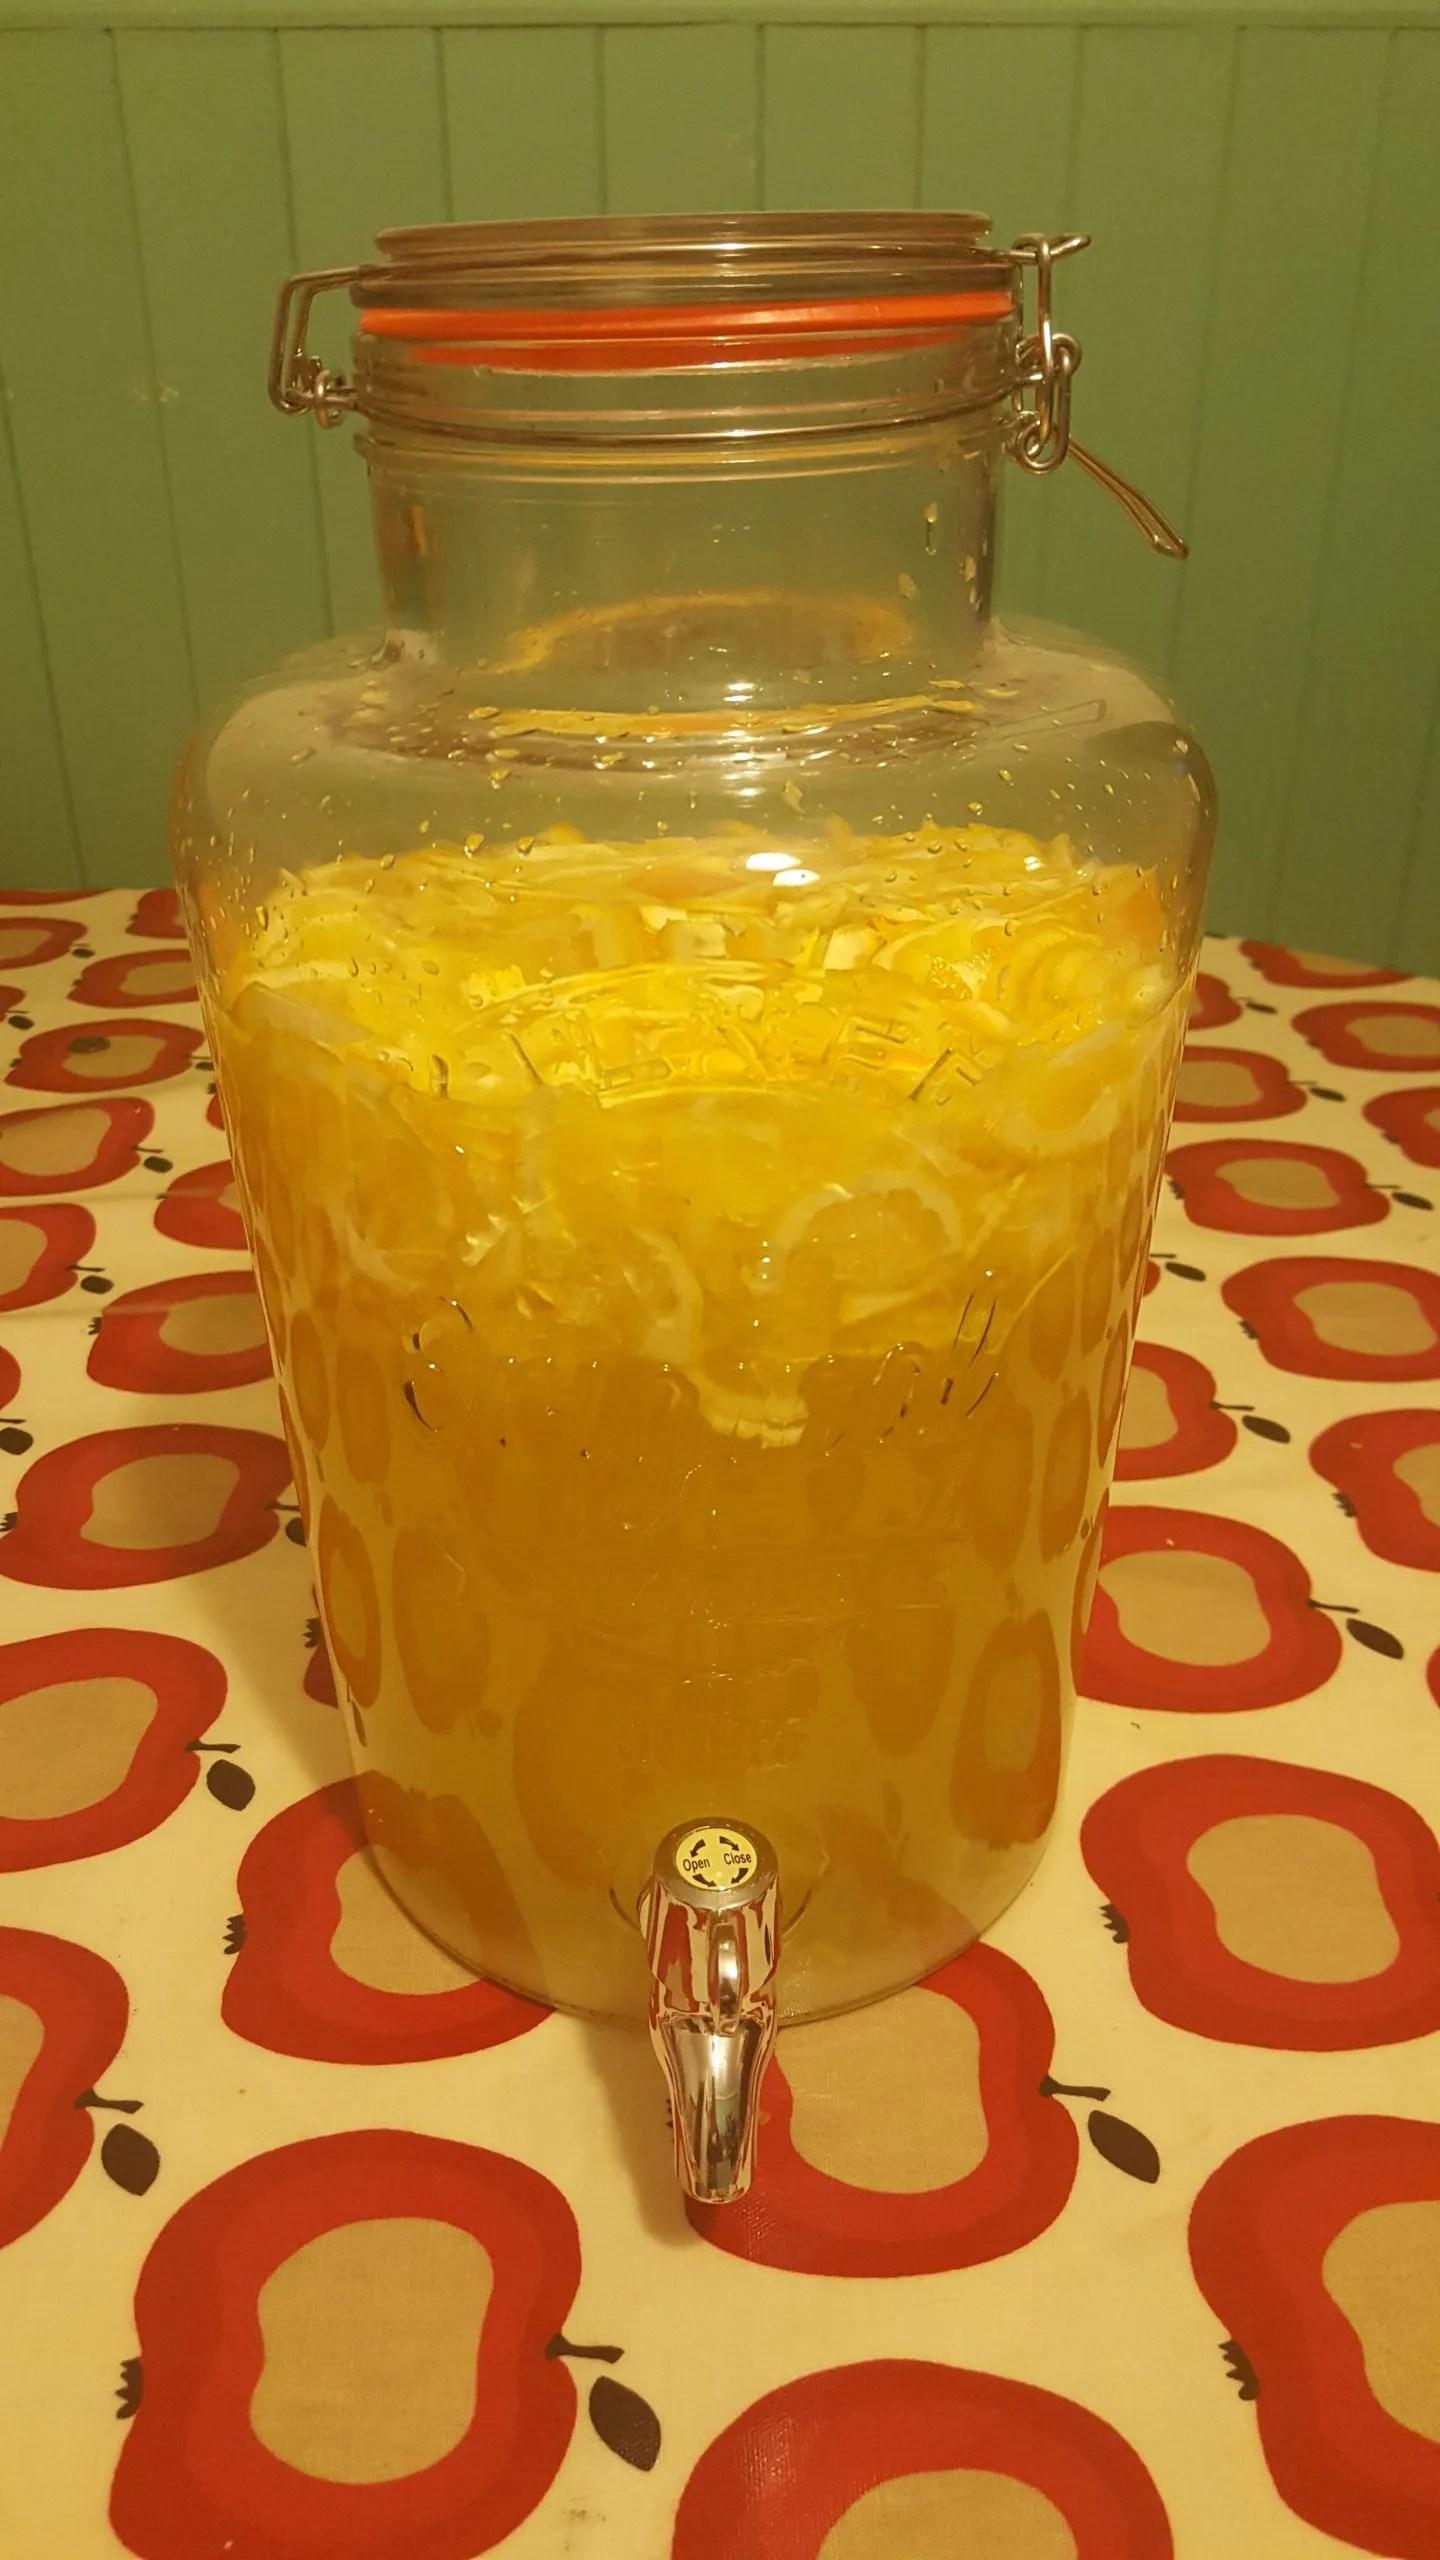 vin-d'orange in a kilner jar